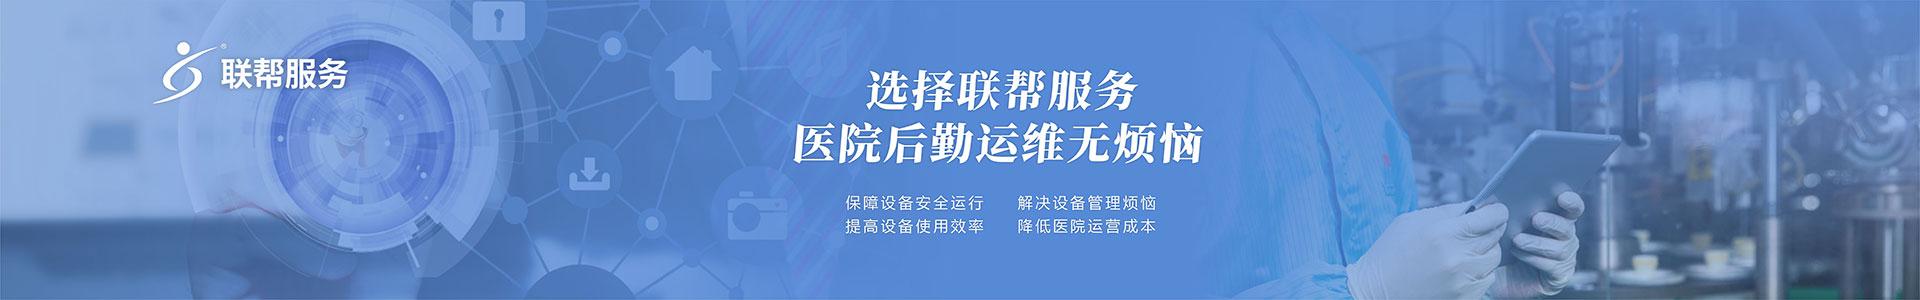 服务与支持通栏广告banner